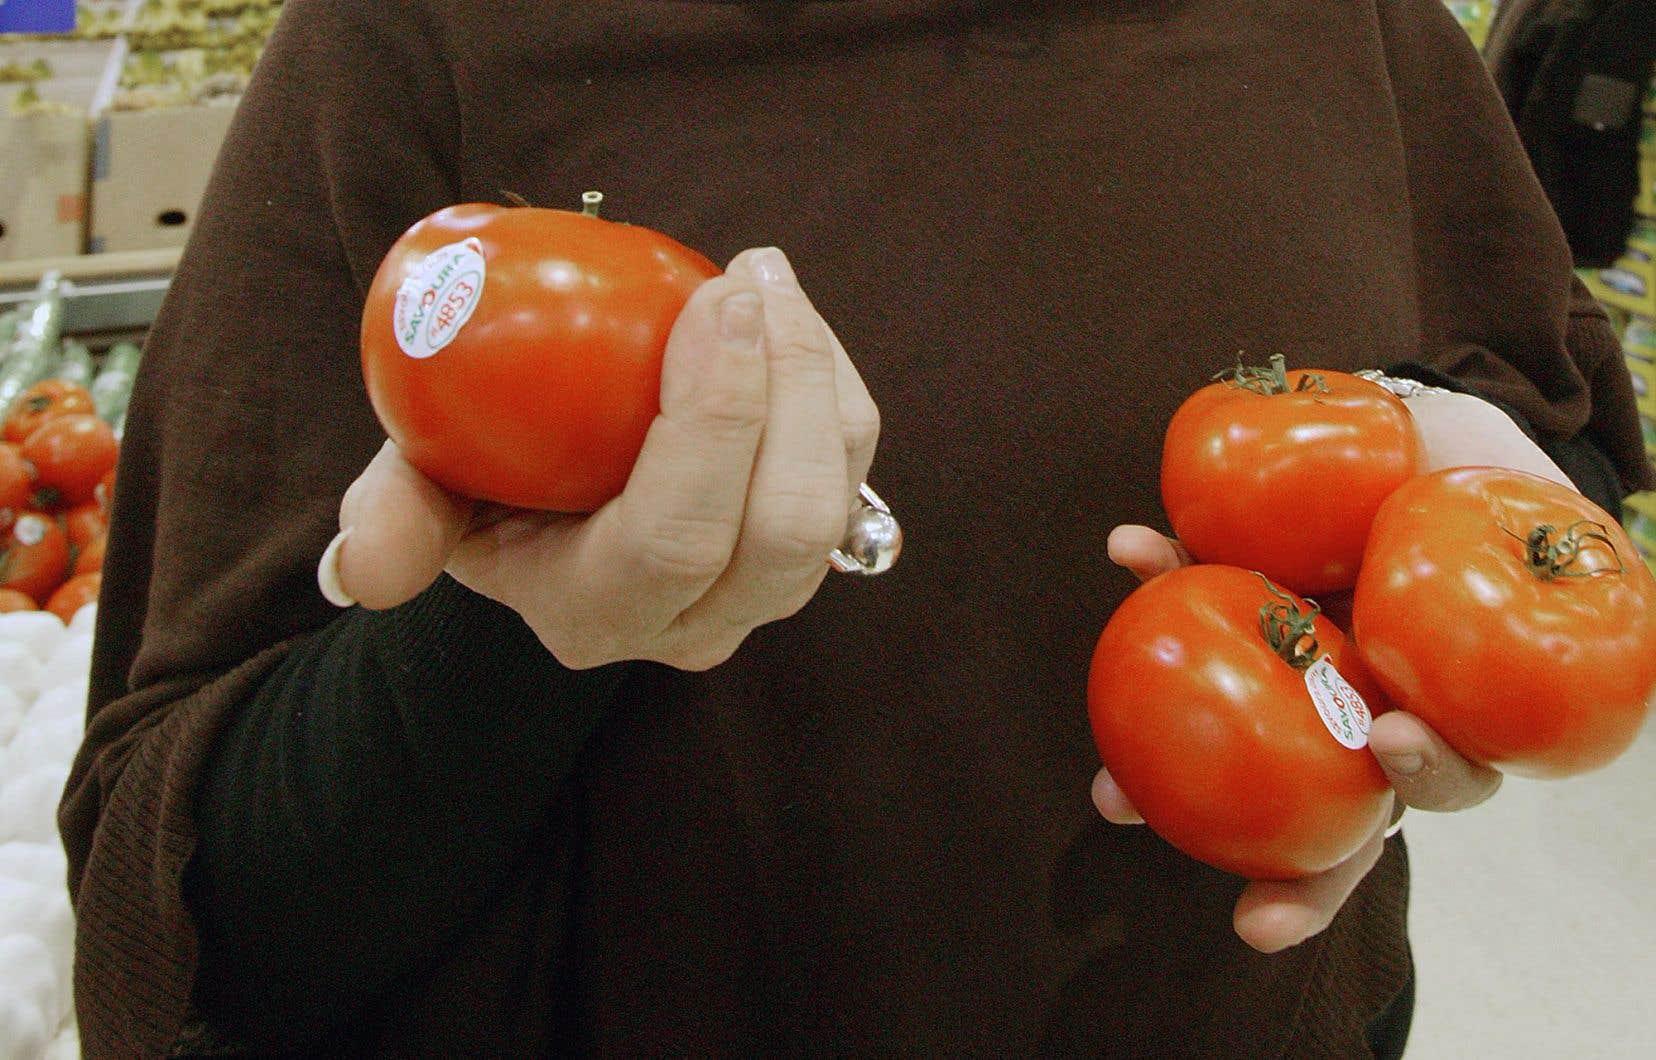 L'entreprise Serres Sagami avait acheté les actifs du producteur de tomates Serres du Saint-Laurent et de sa marque Savoura.